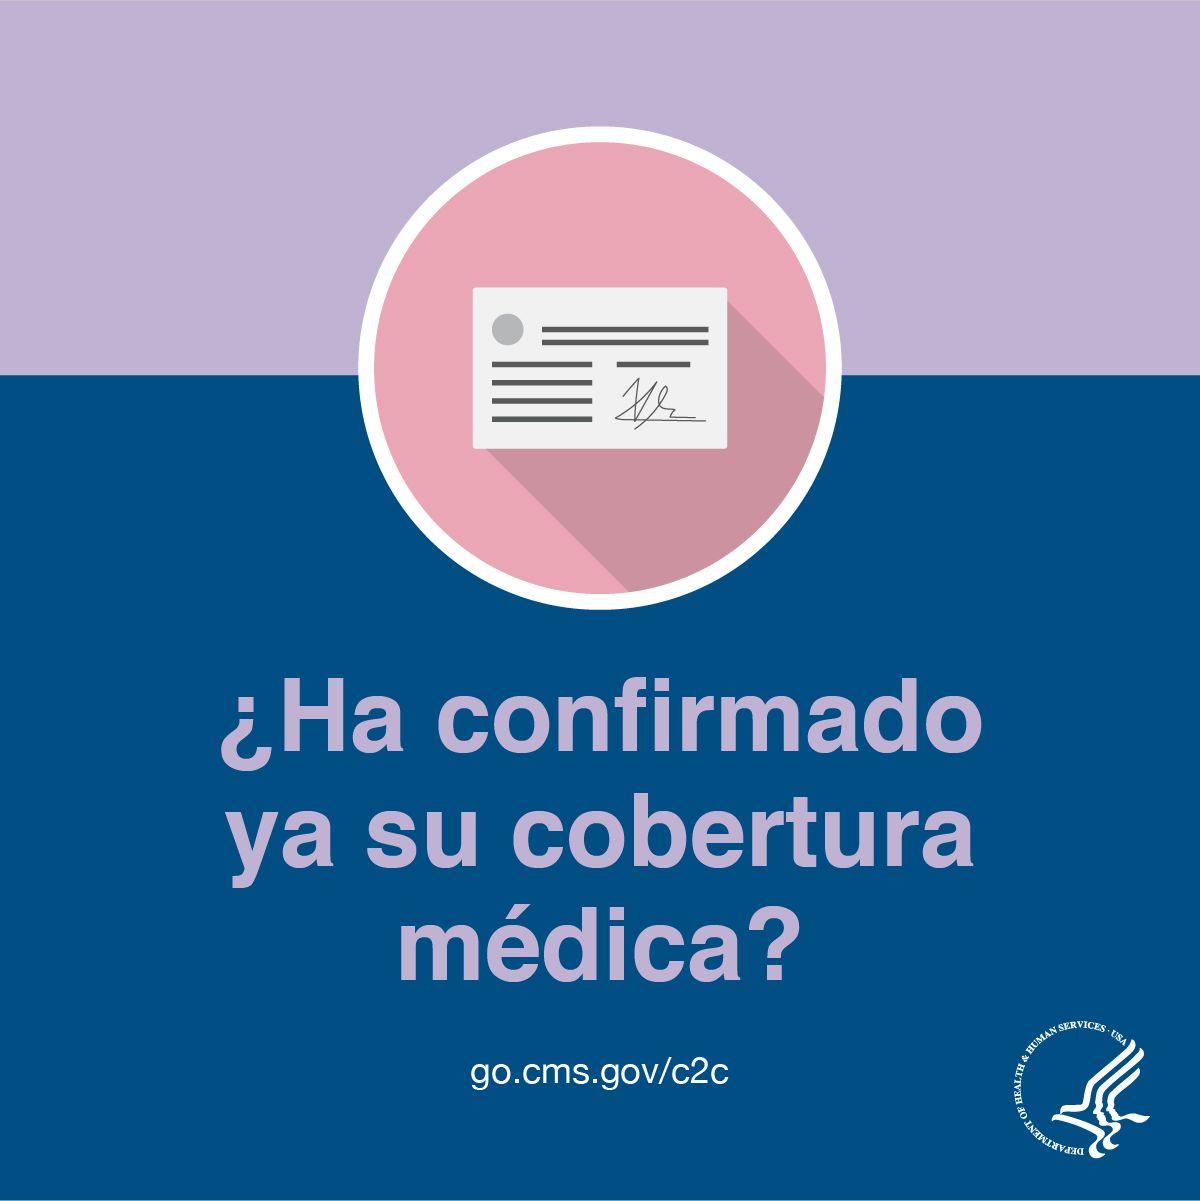 Tiene Cobertura Medica Confirme Su Cobertura Medica Para Poder